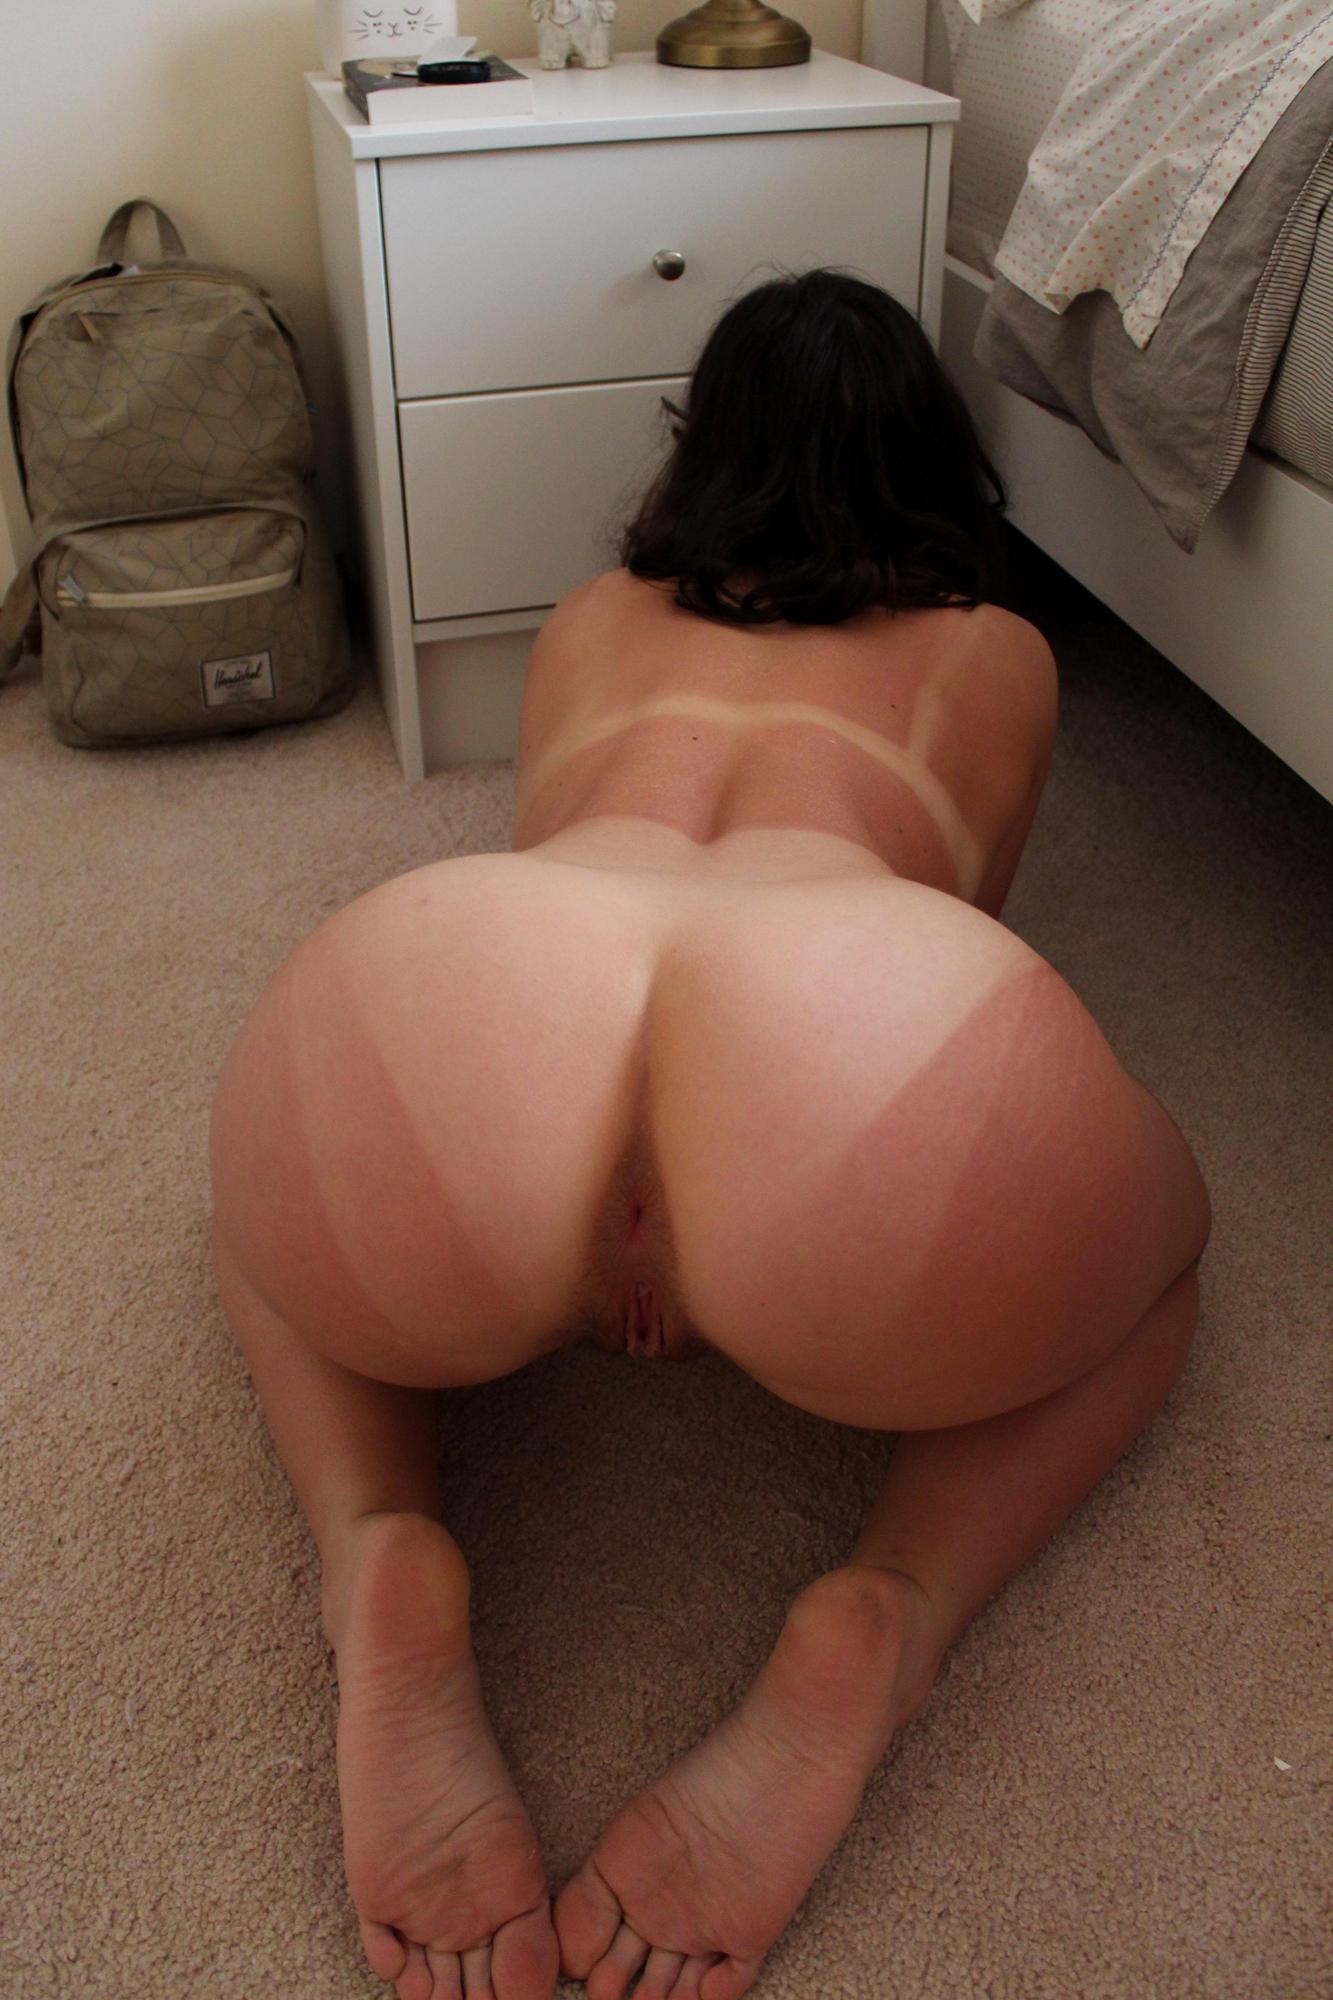 Gangbang slave humiliation pulling nipples